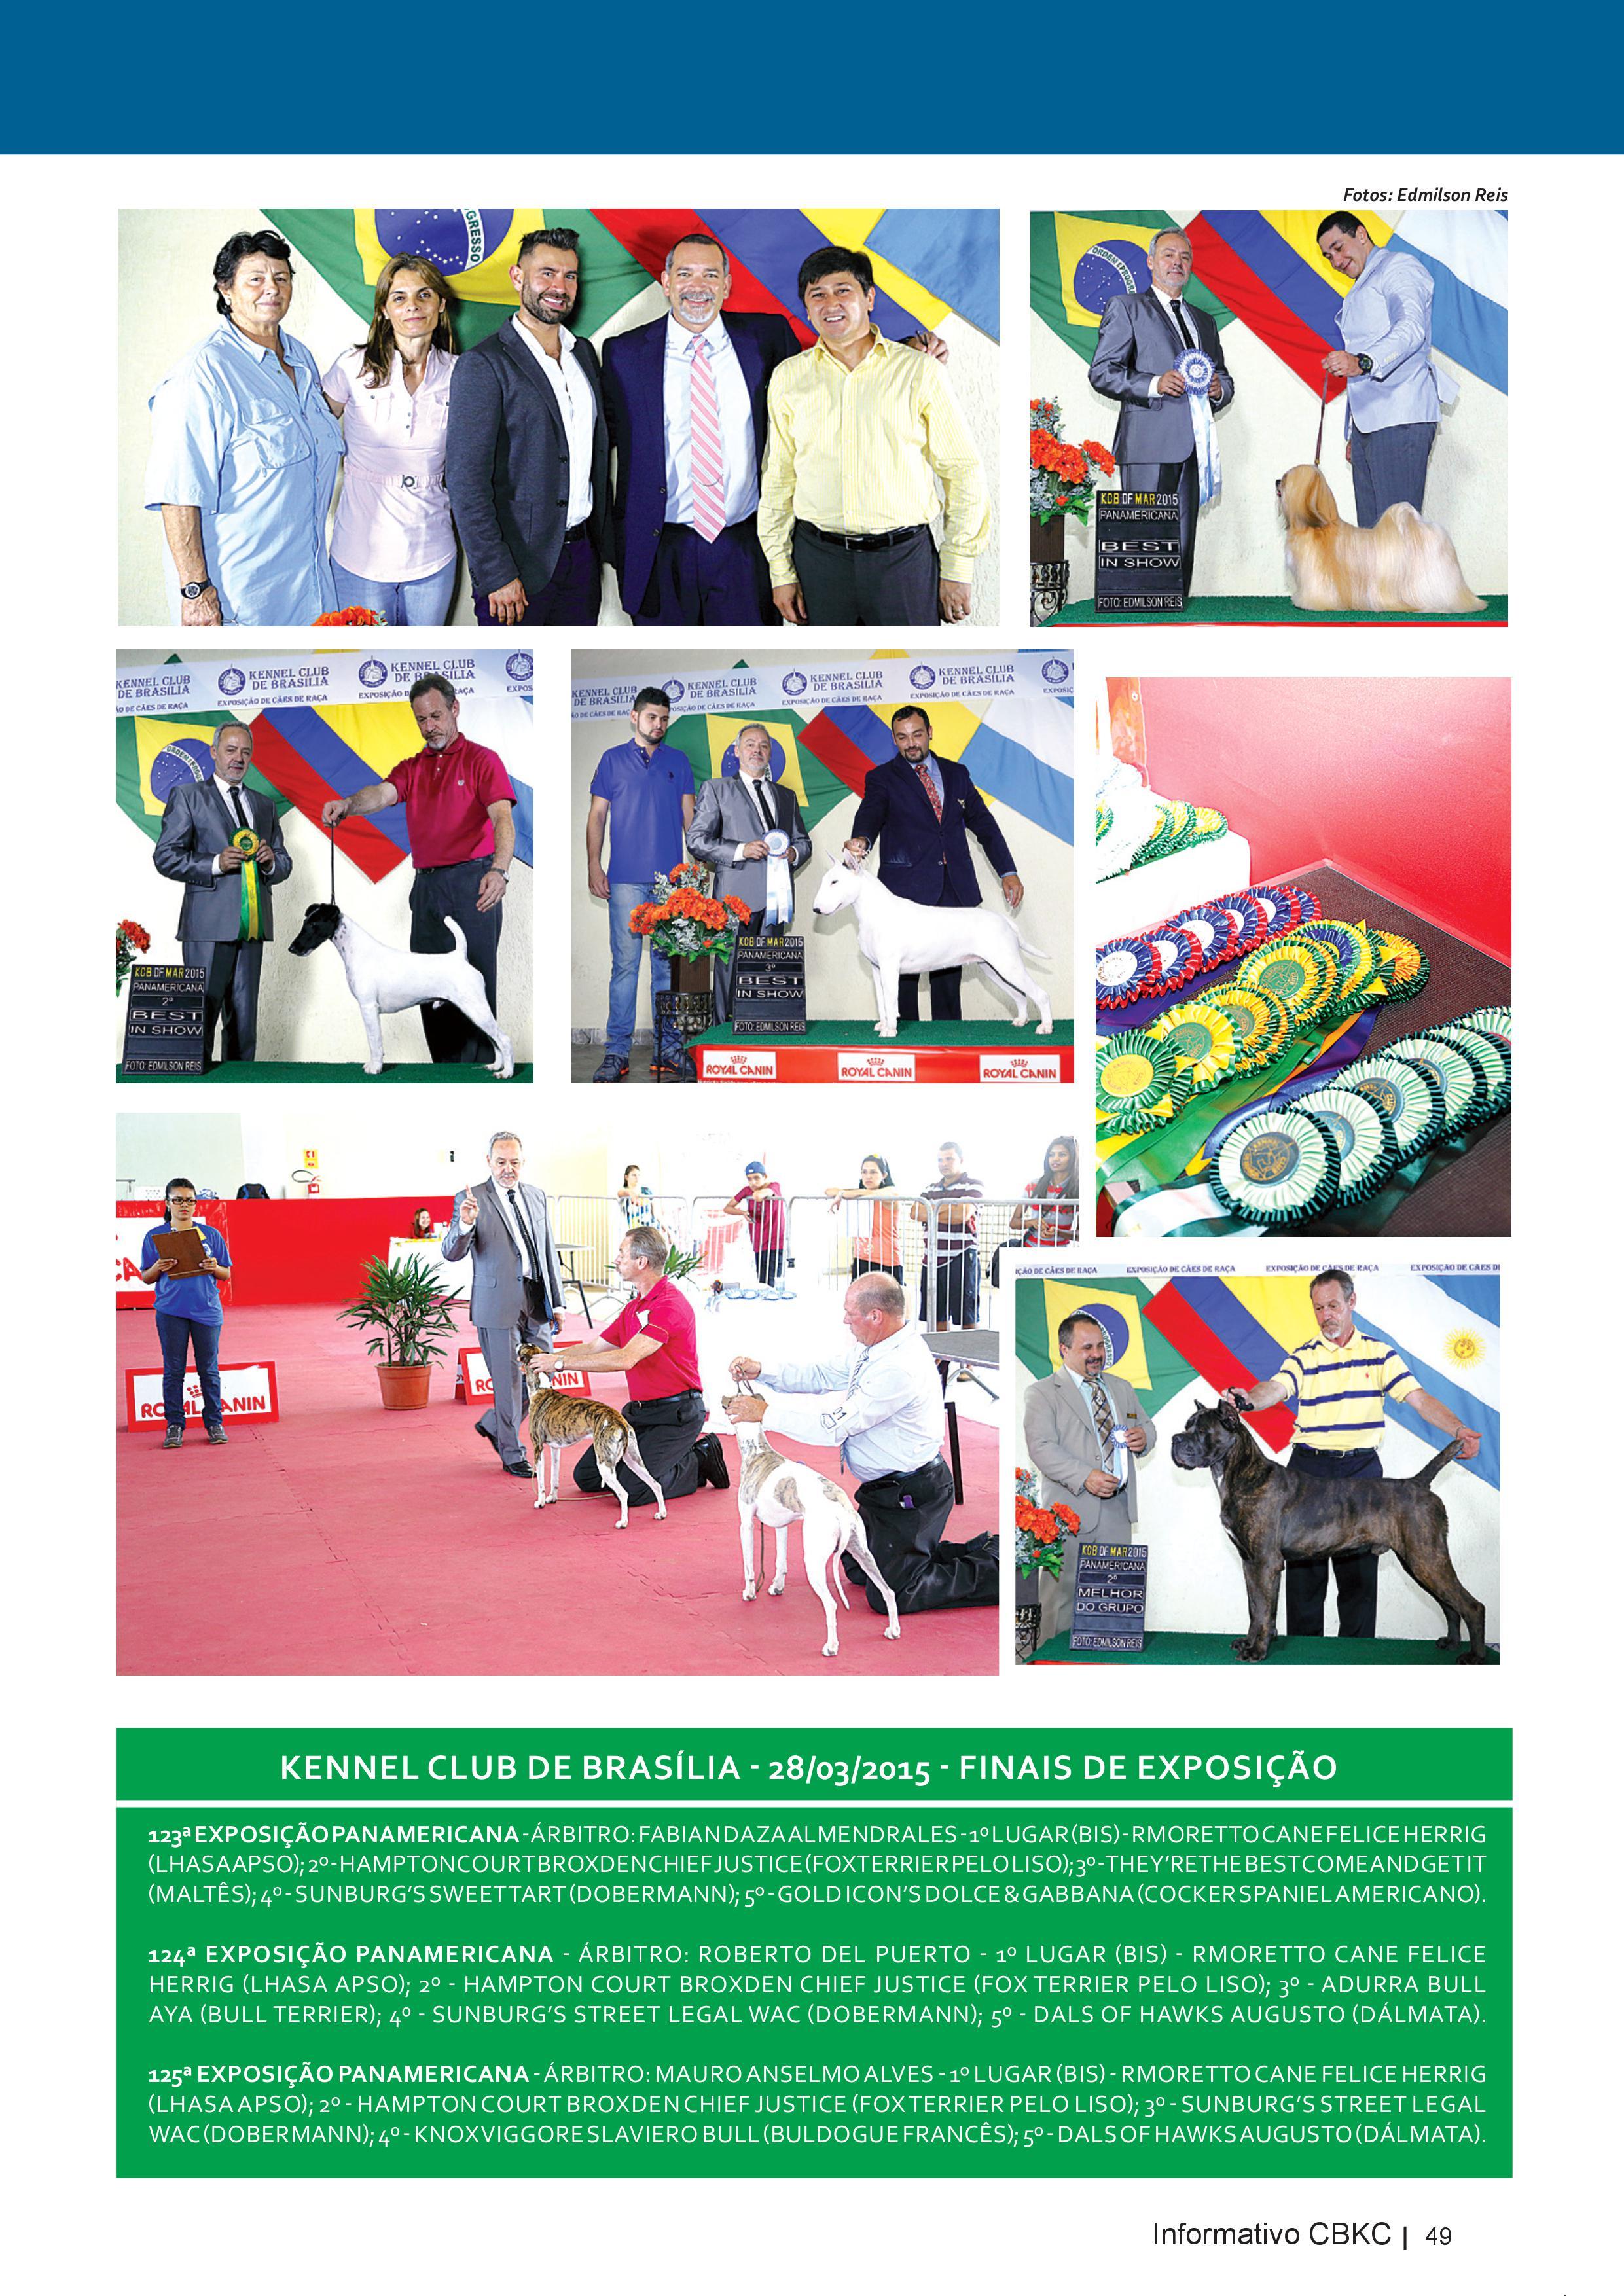 Pagina 49| Edição 50 do Informativo CBKC